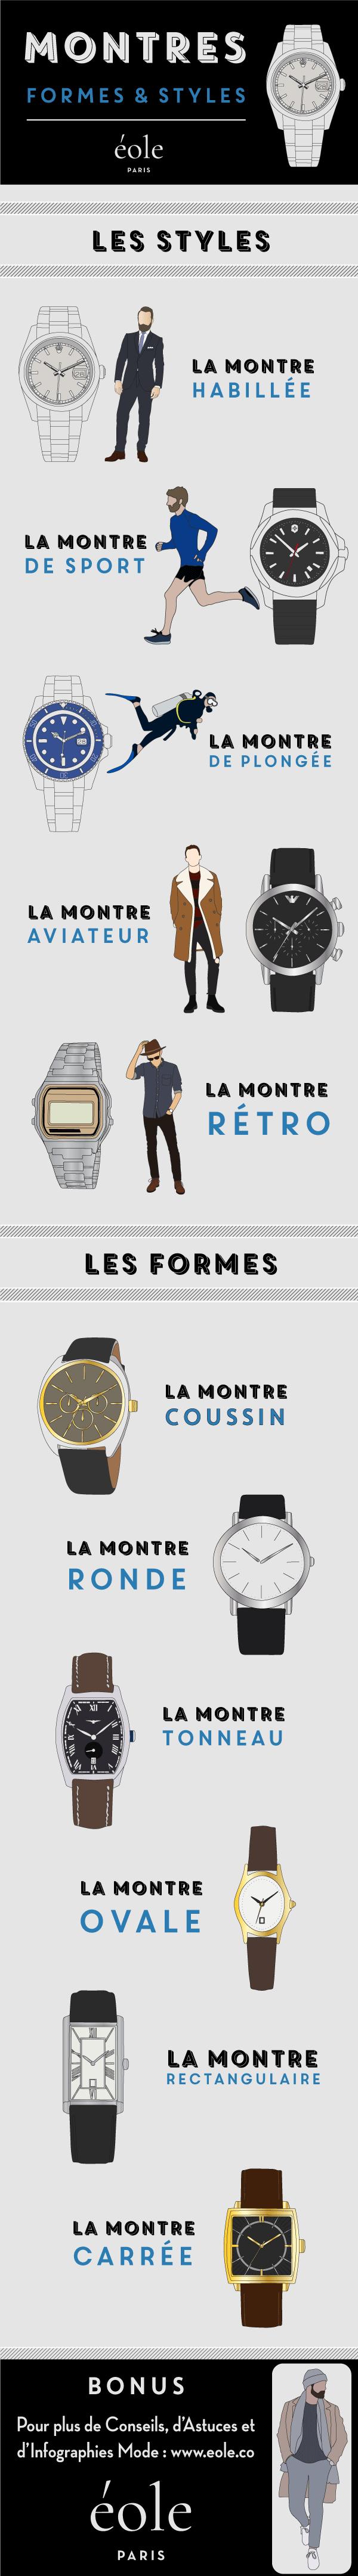 Montres Styles Et Formes - Infographie - EOLE PARIS